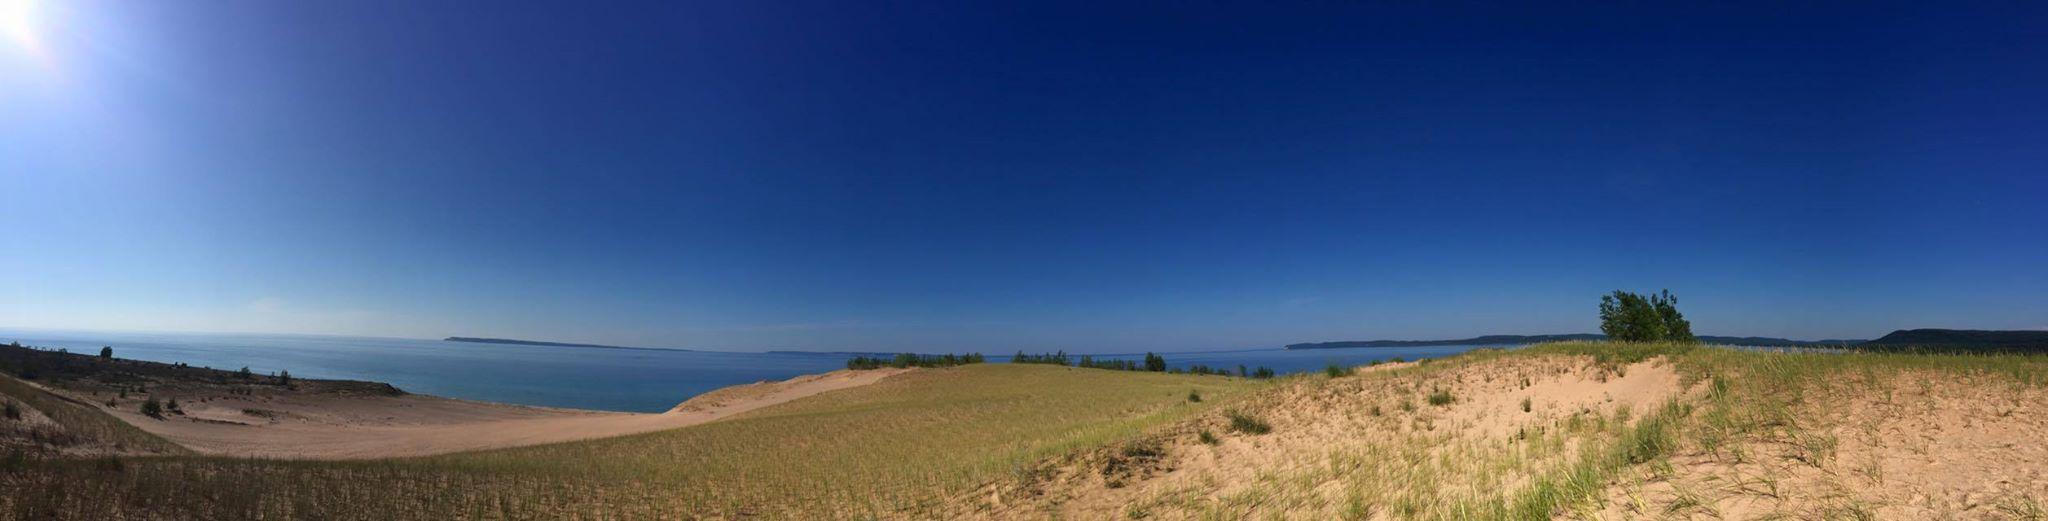 dunes234.jpg